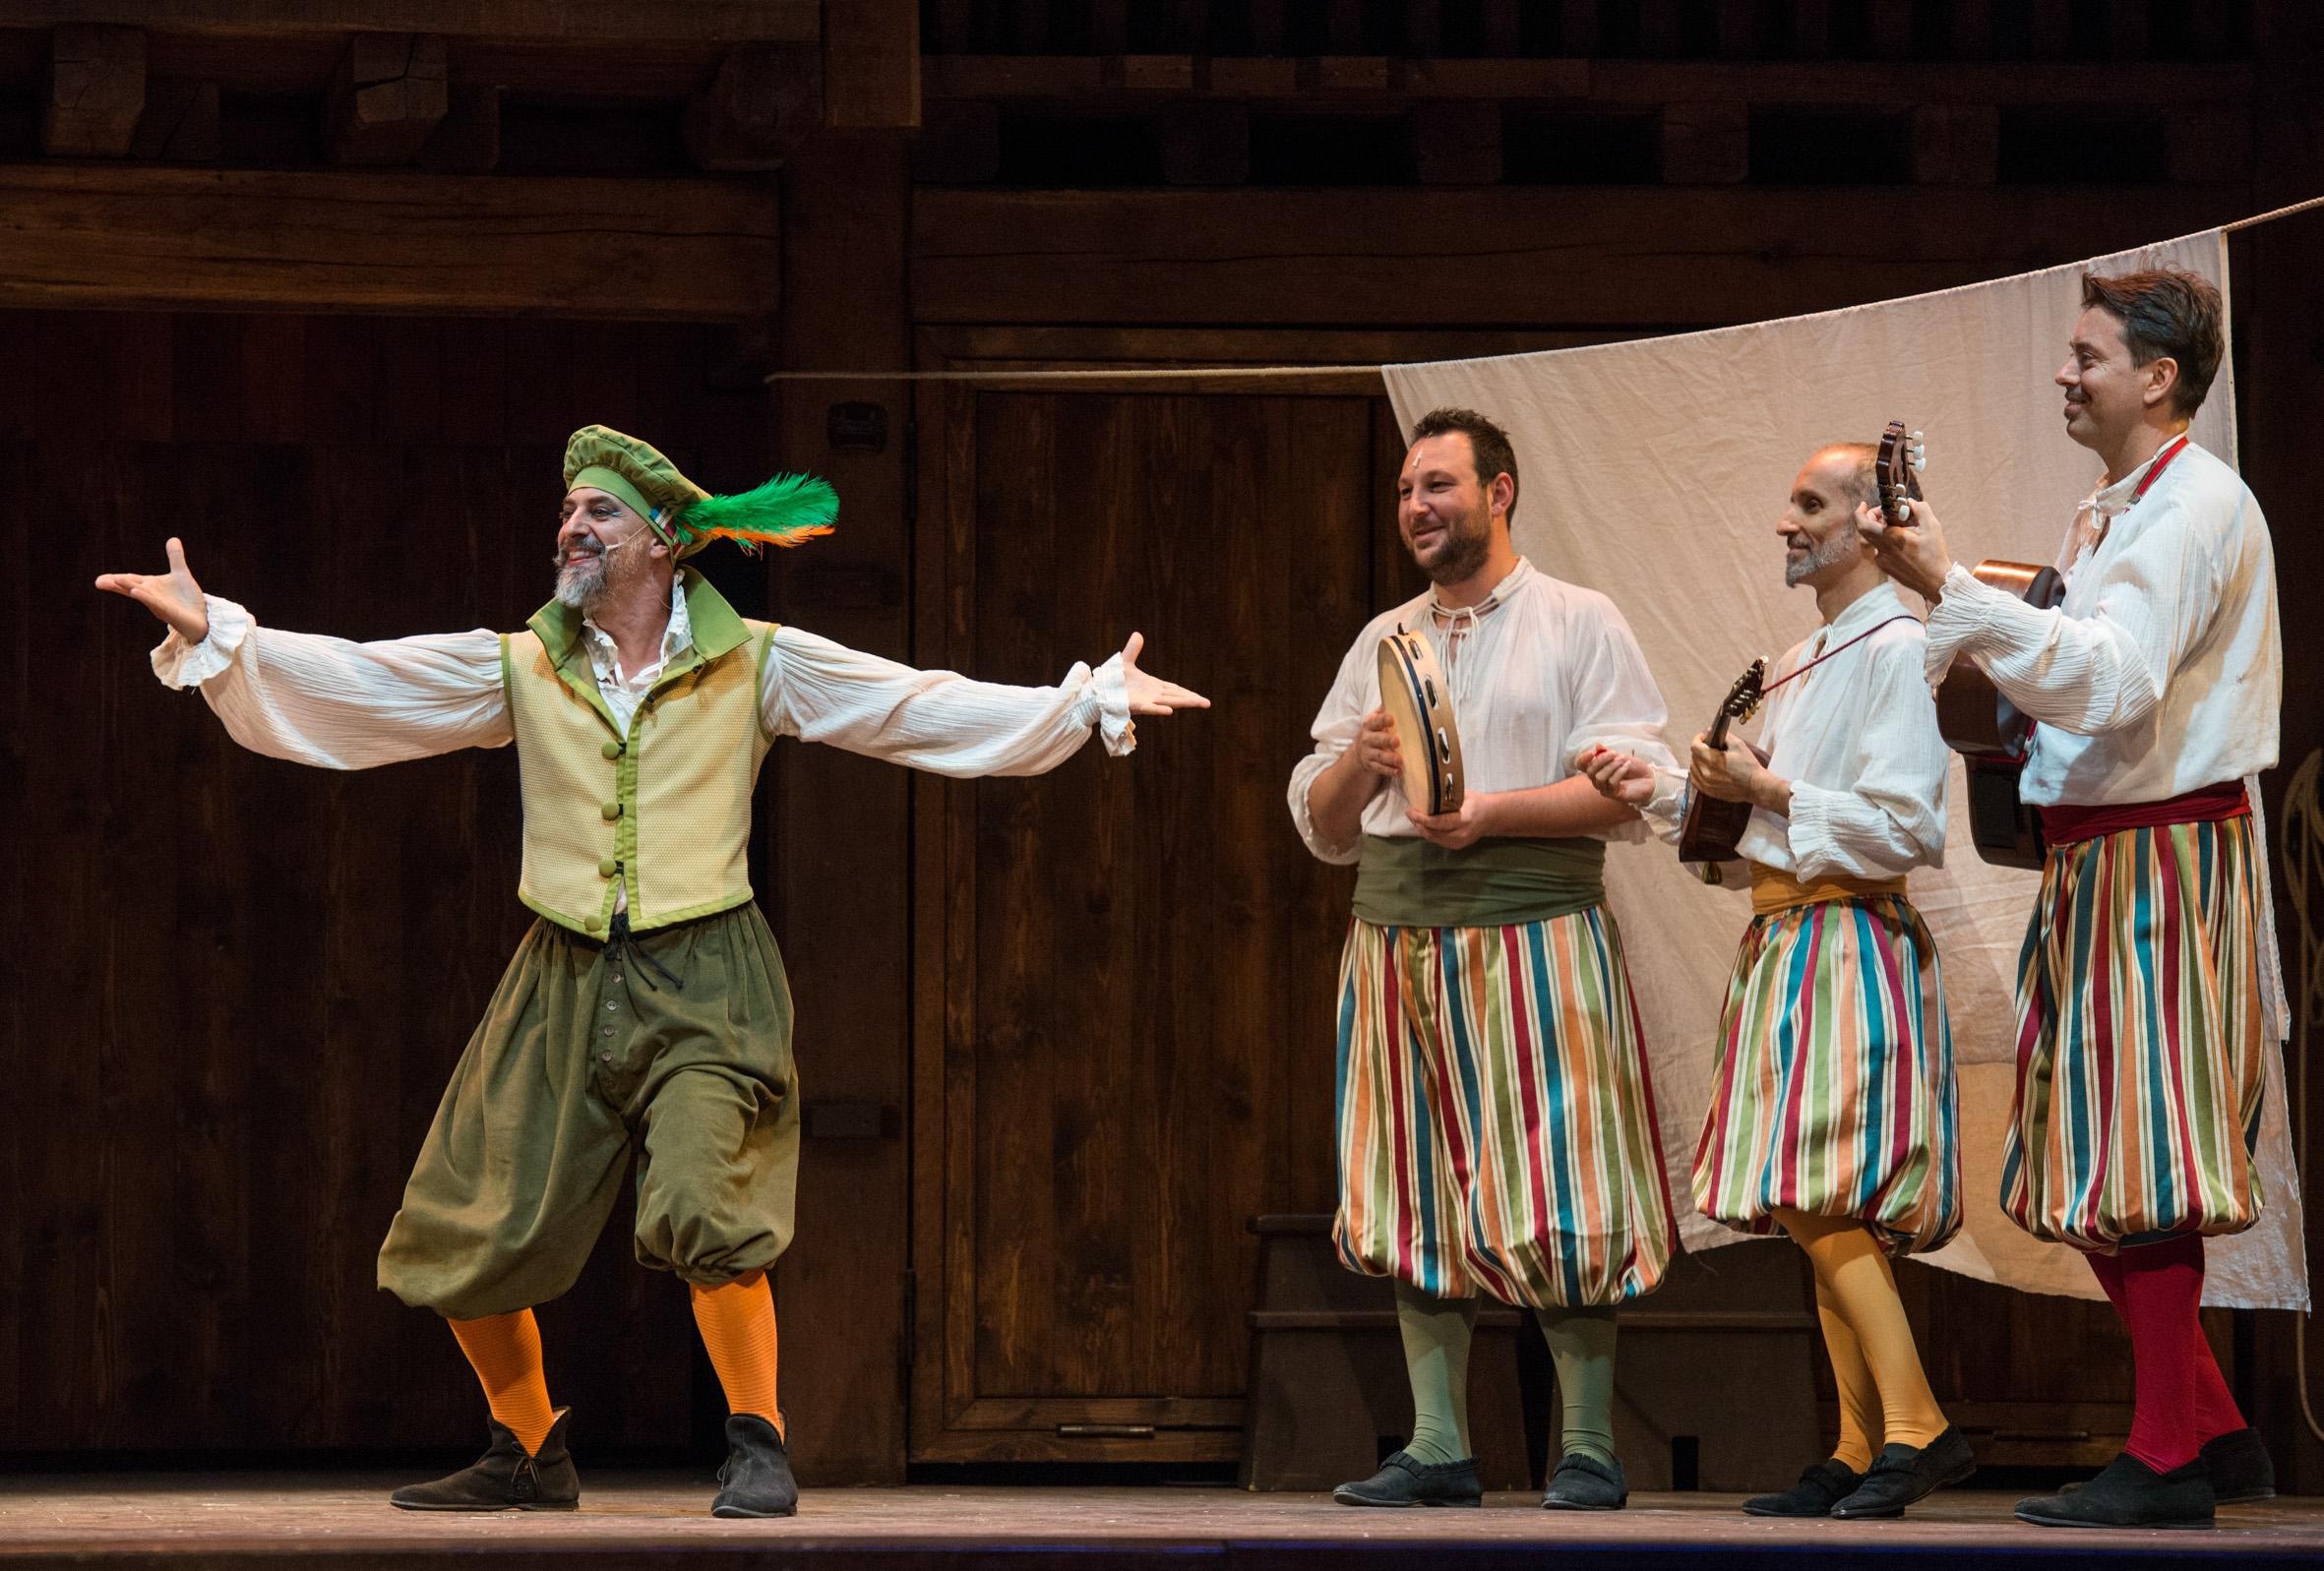 Globe Theatre | MOLTO RUMORE PER NULLA dal 7 al 25 agosto